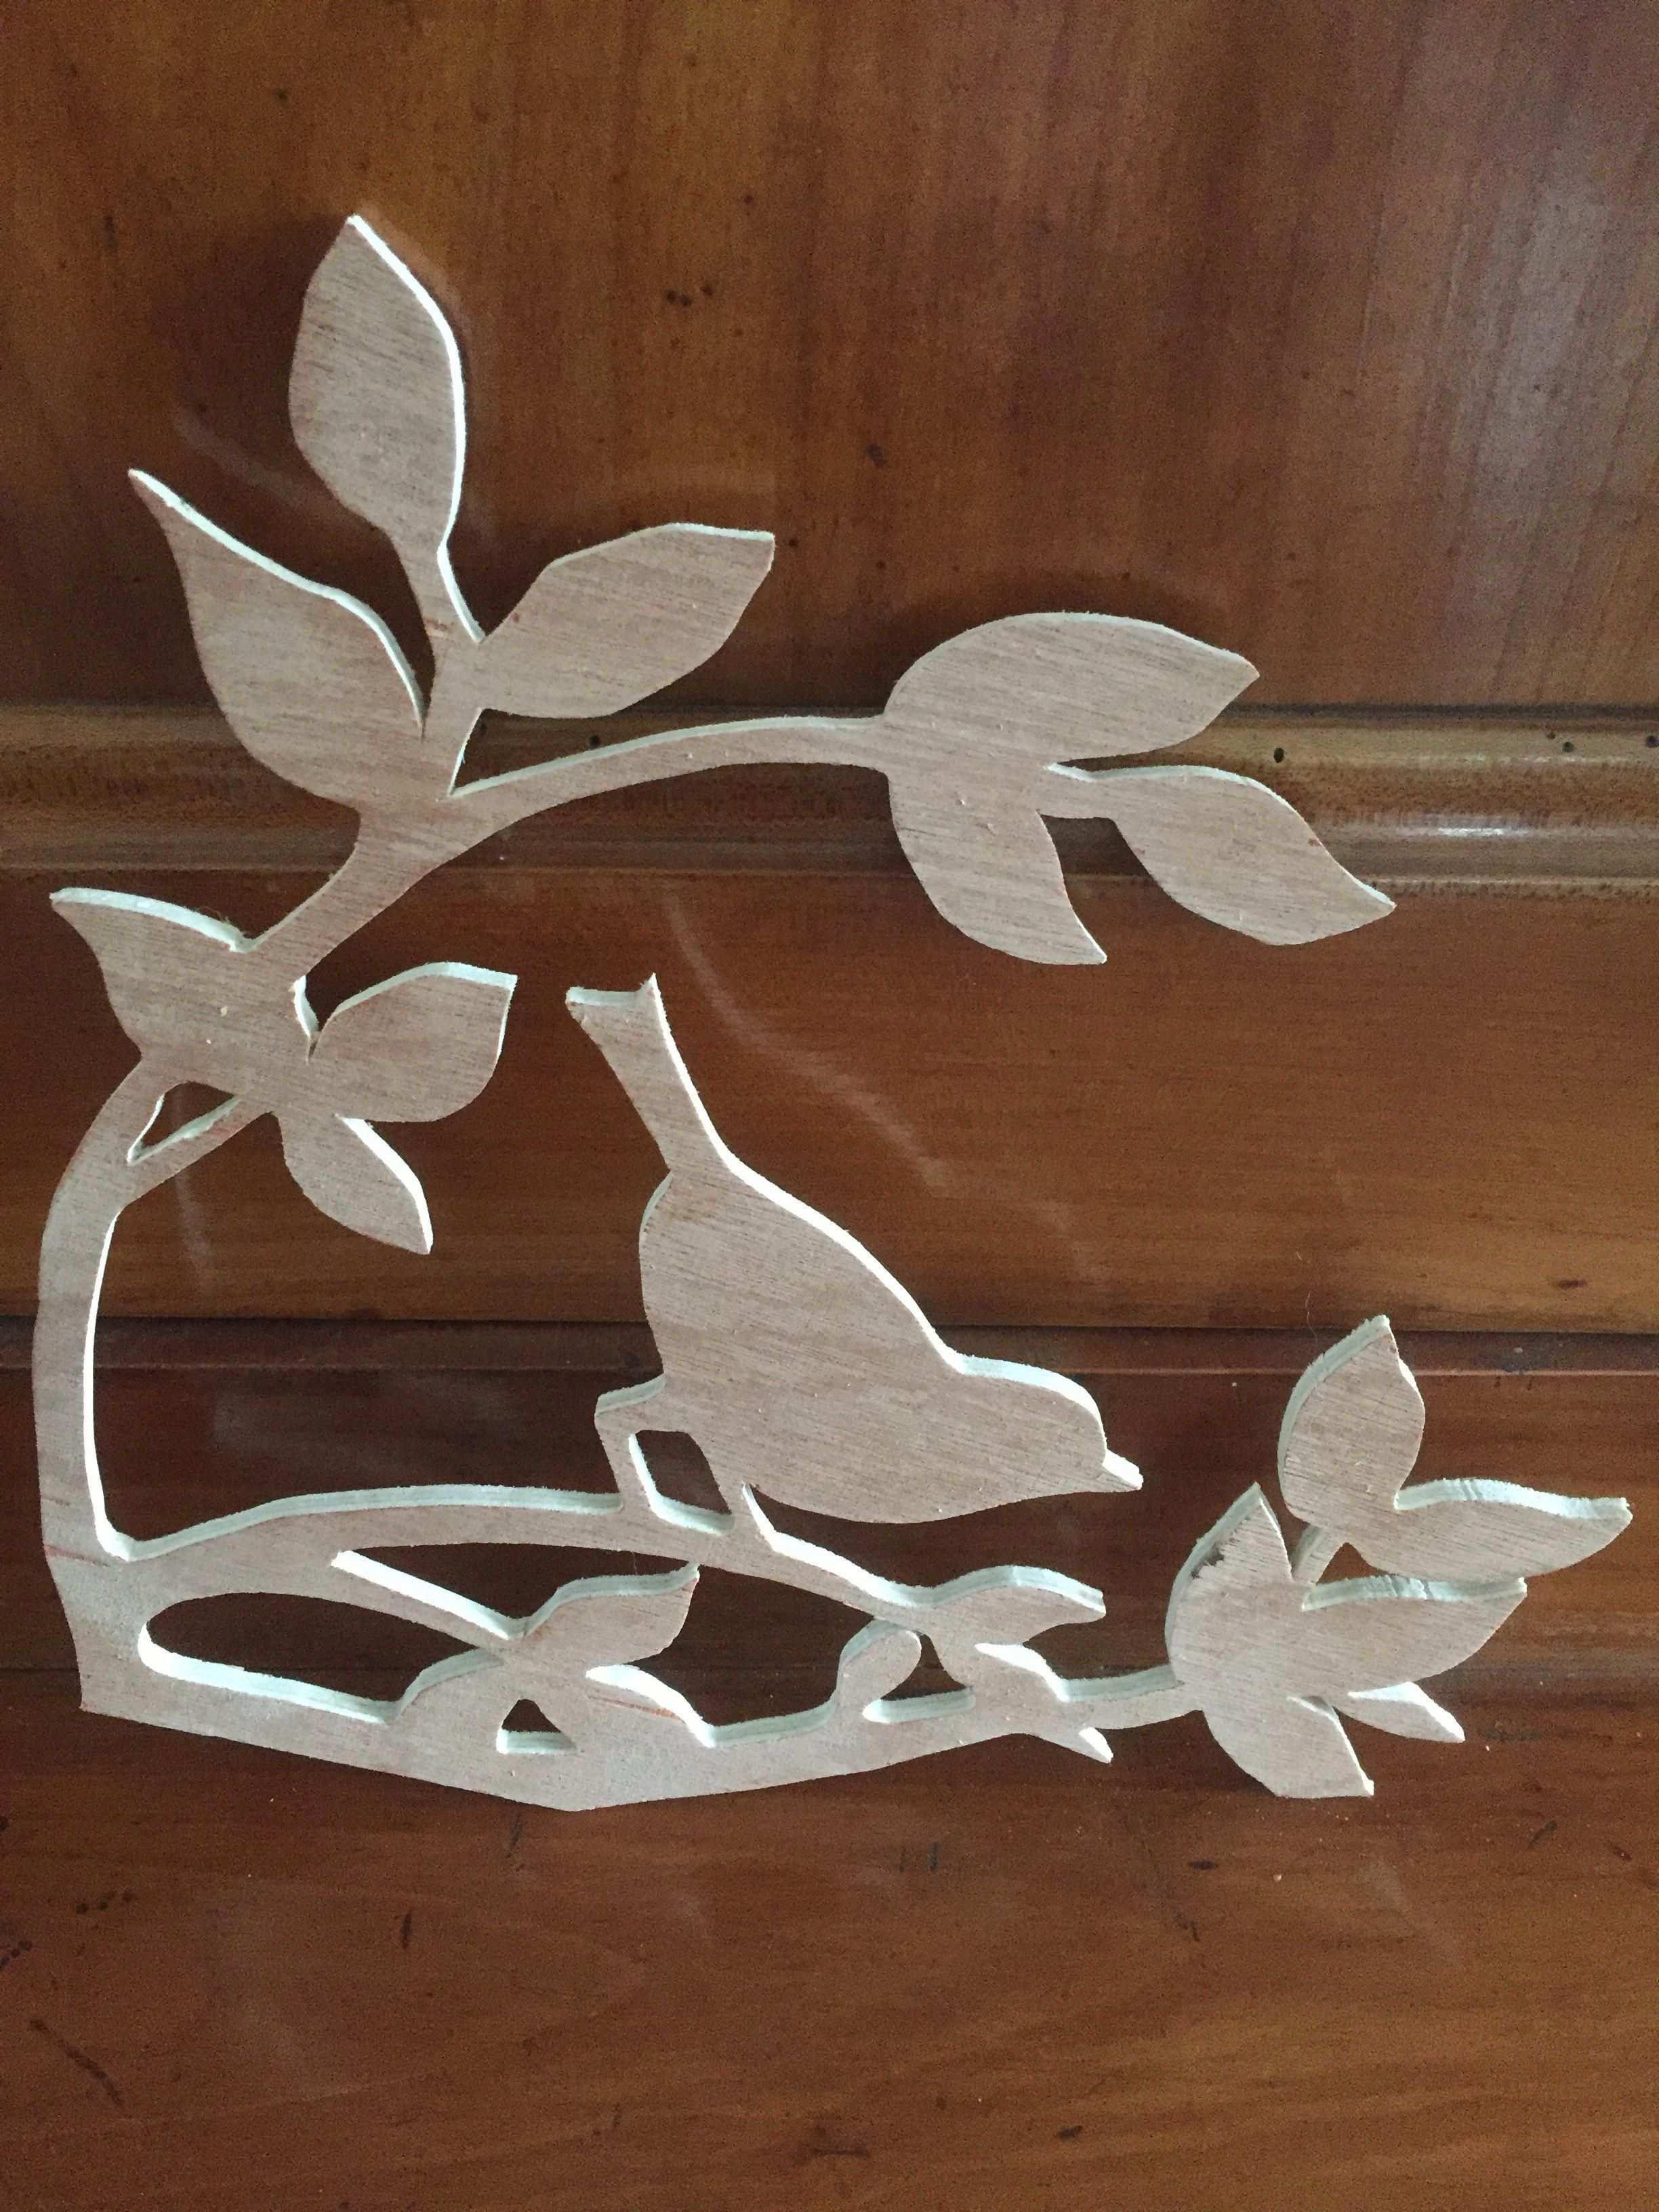 Scrollsawpatterns Woodworkingjigs Woodworkingplans Woodworkingprojects Woodworkingtools Wor Holzarbeiten Basteln Ostern Basteln Holz Diy Windspiele